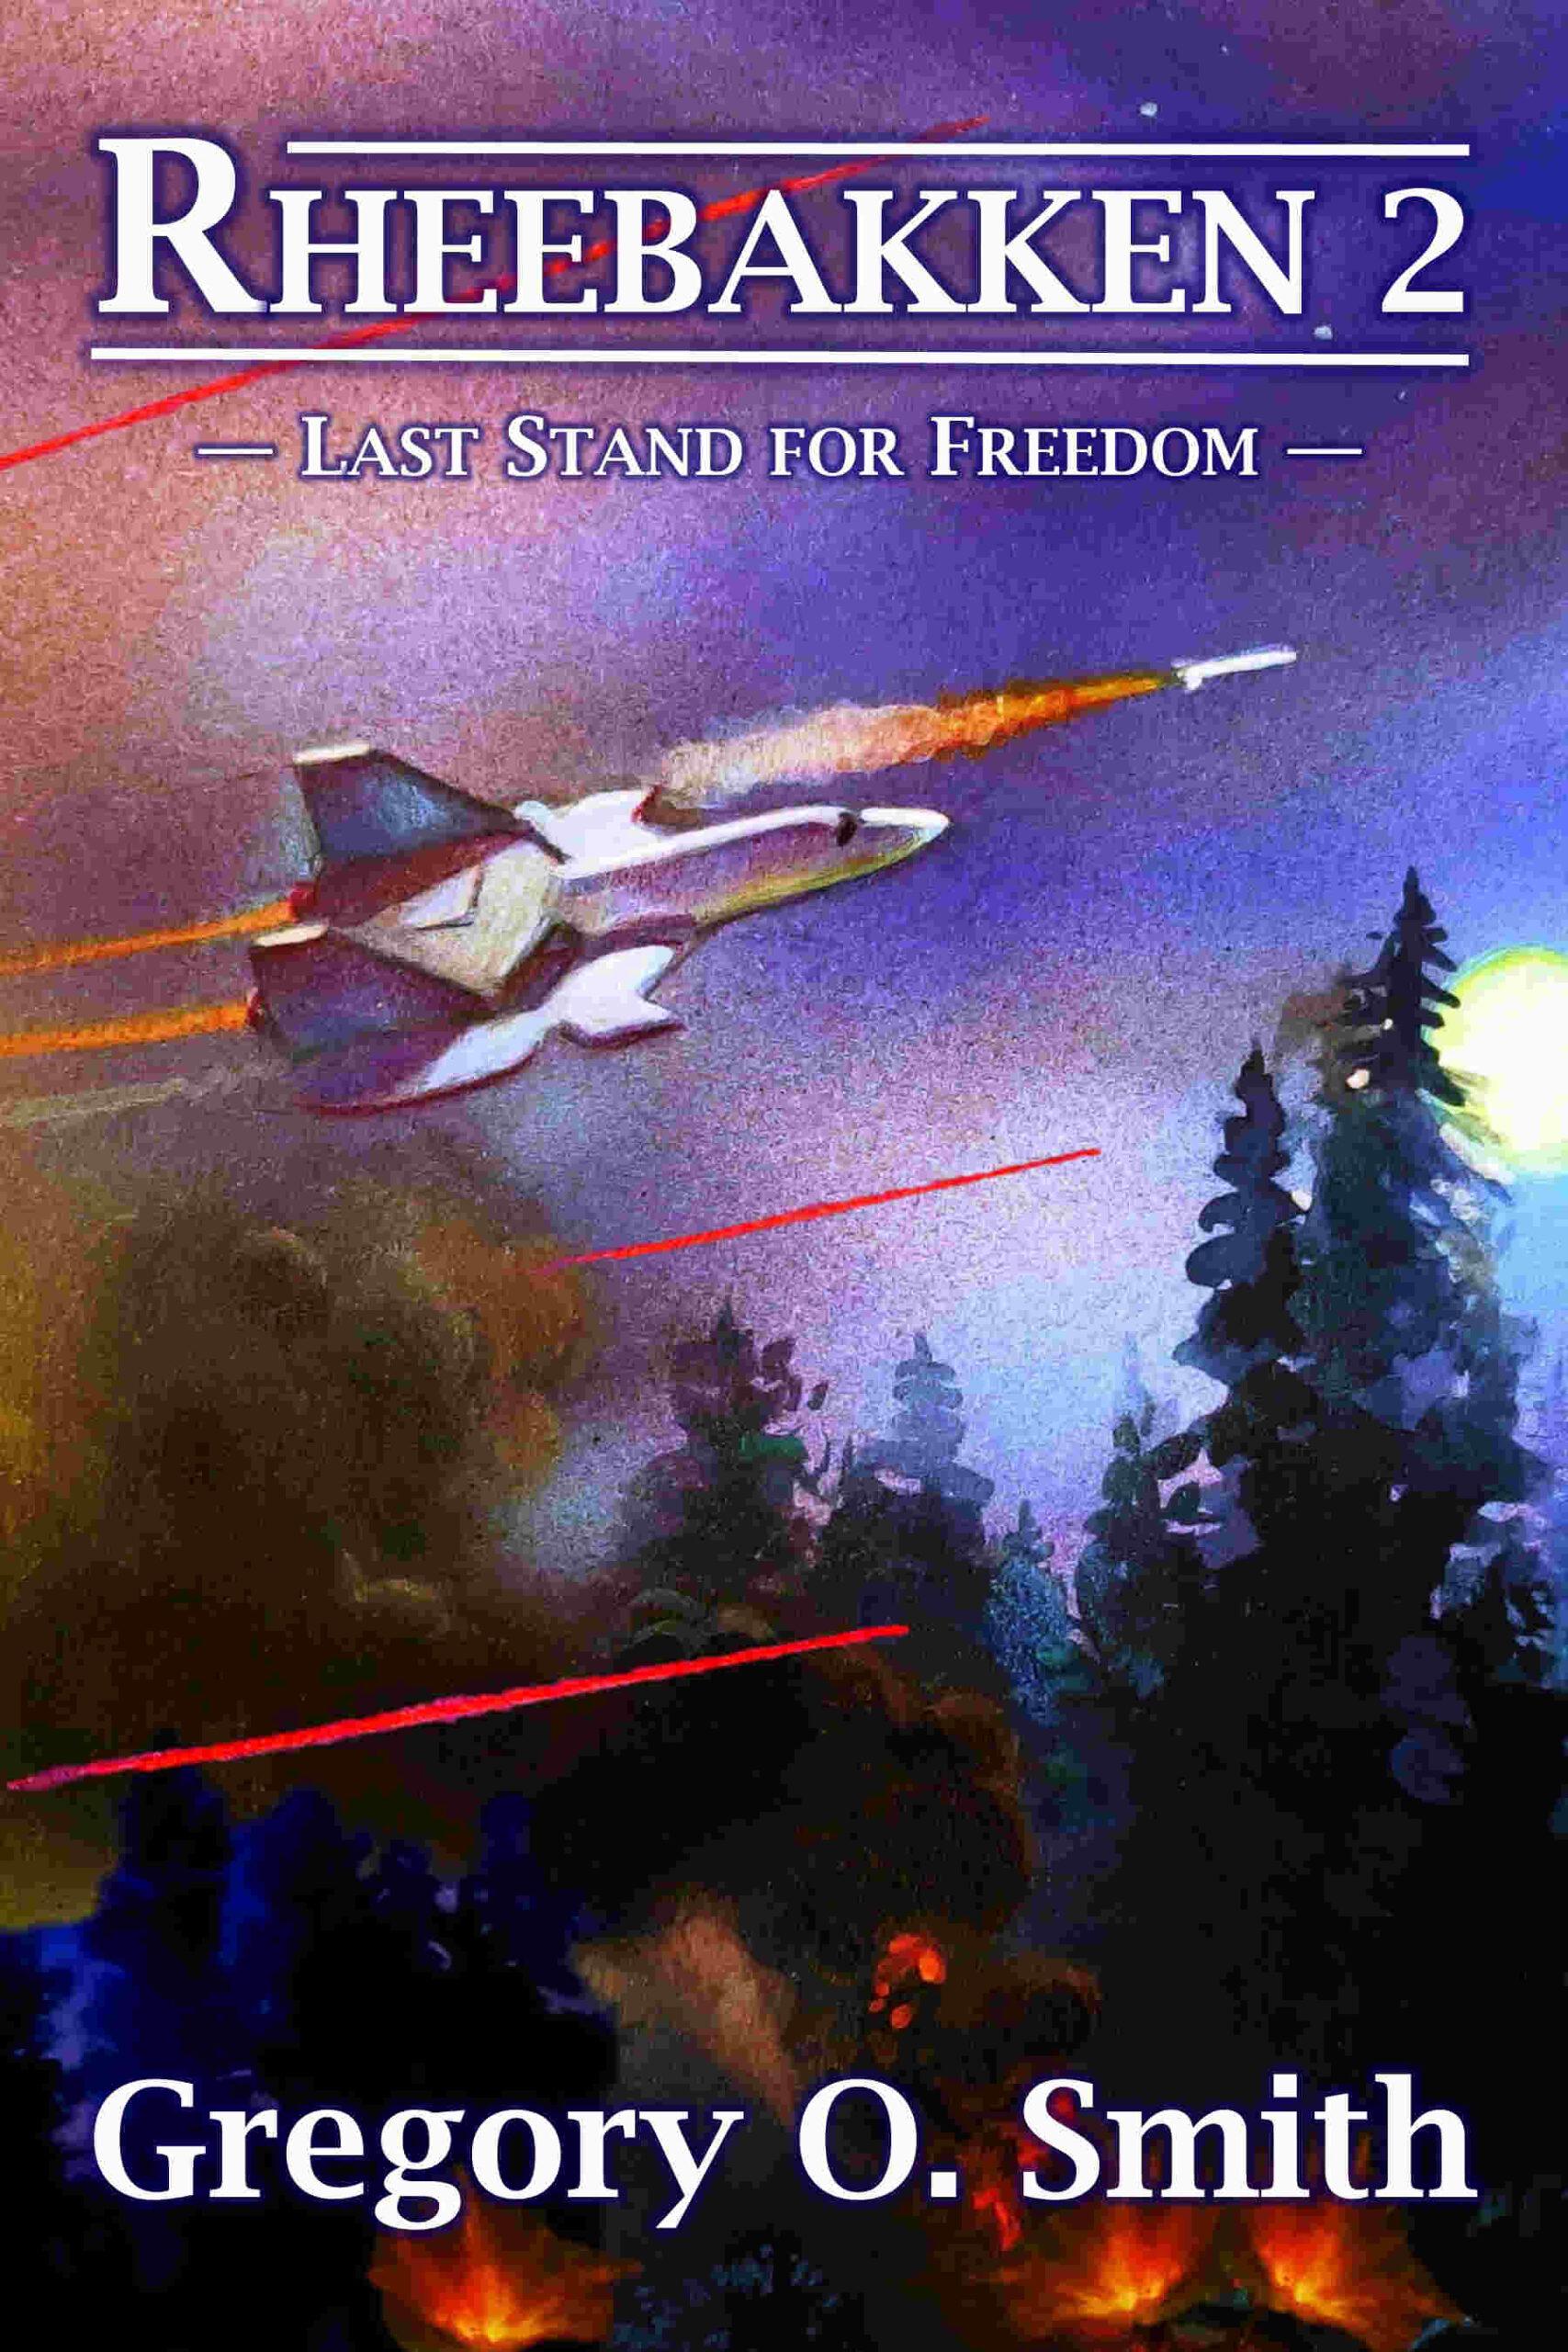 Rheebakken 2--Last Stand for Freedom book cover